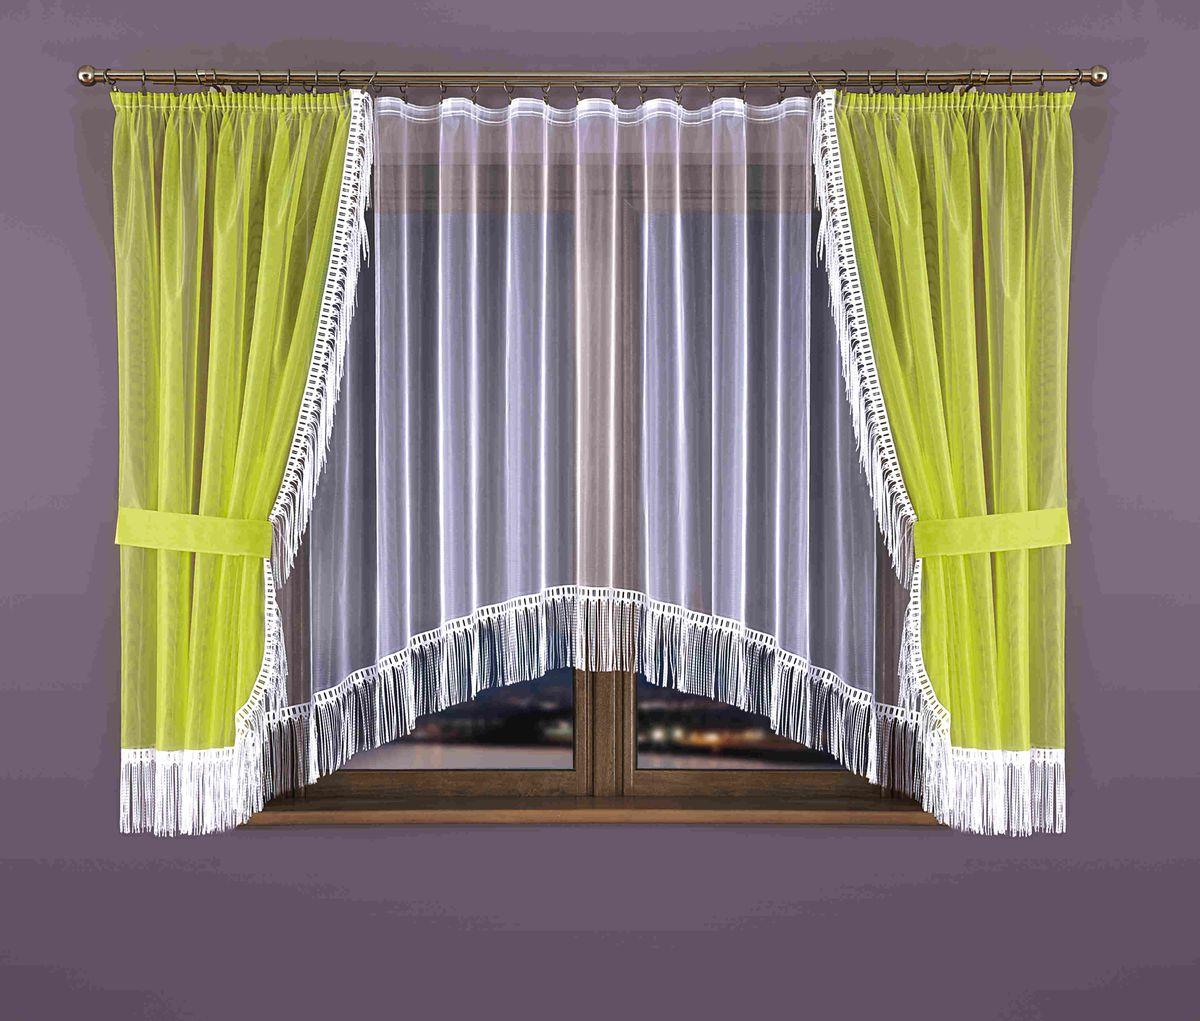 Комплект штор для кухни Wisan Zyta, на ленте, цвет: белый, салатовый, высота 170 см265WКомплект штор для кухни Wisan Zyta, выполненный из полиэстера, великолепно украсит окно. В комплект входят 2 шторы, тюль и 2 подхвата. Бахрома придает комплекту особый стиль и шарм. Тонкое плетение, нежная цветовая гамма и роскошное исполнение - все это делает шторы Wisan Zyta замечательным дополнением интерьера кухни. Шторы оснащены шторной лентой для красивой сборки, а также двумя подхватами. В комплект входит: Штора - 2 шт. Размер (ШхВ): 150 см х 170 см. Тюль - 1 шт. Размер (ШхВ): 300 см х 170 см. Подхват - 2 шт.